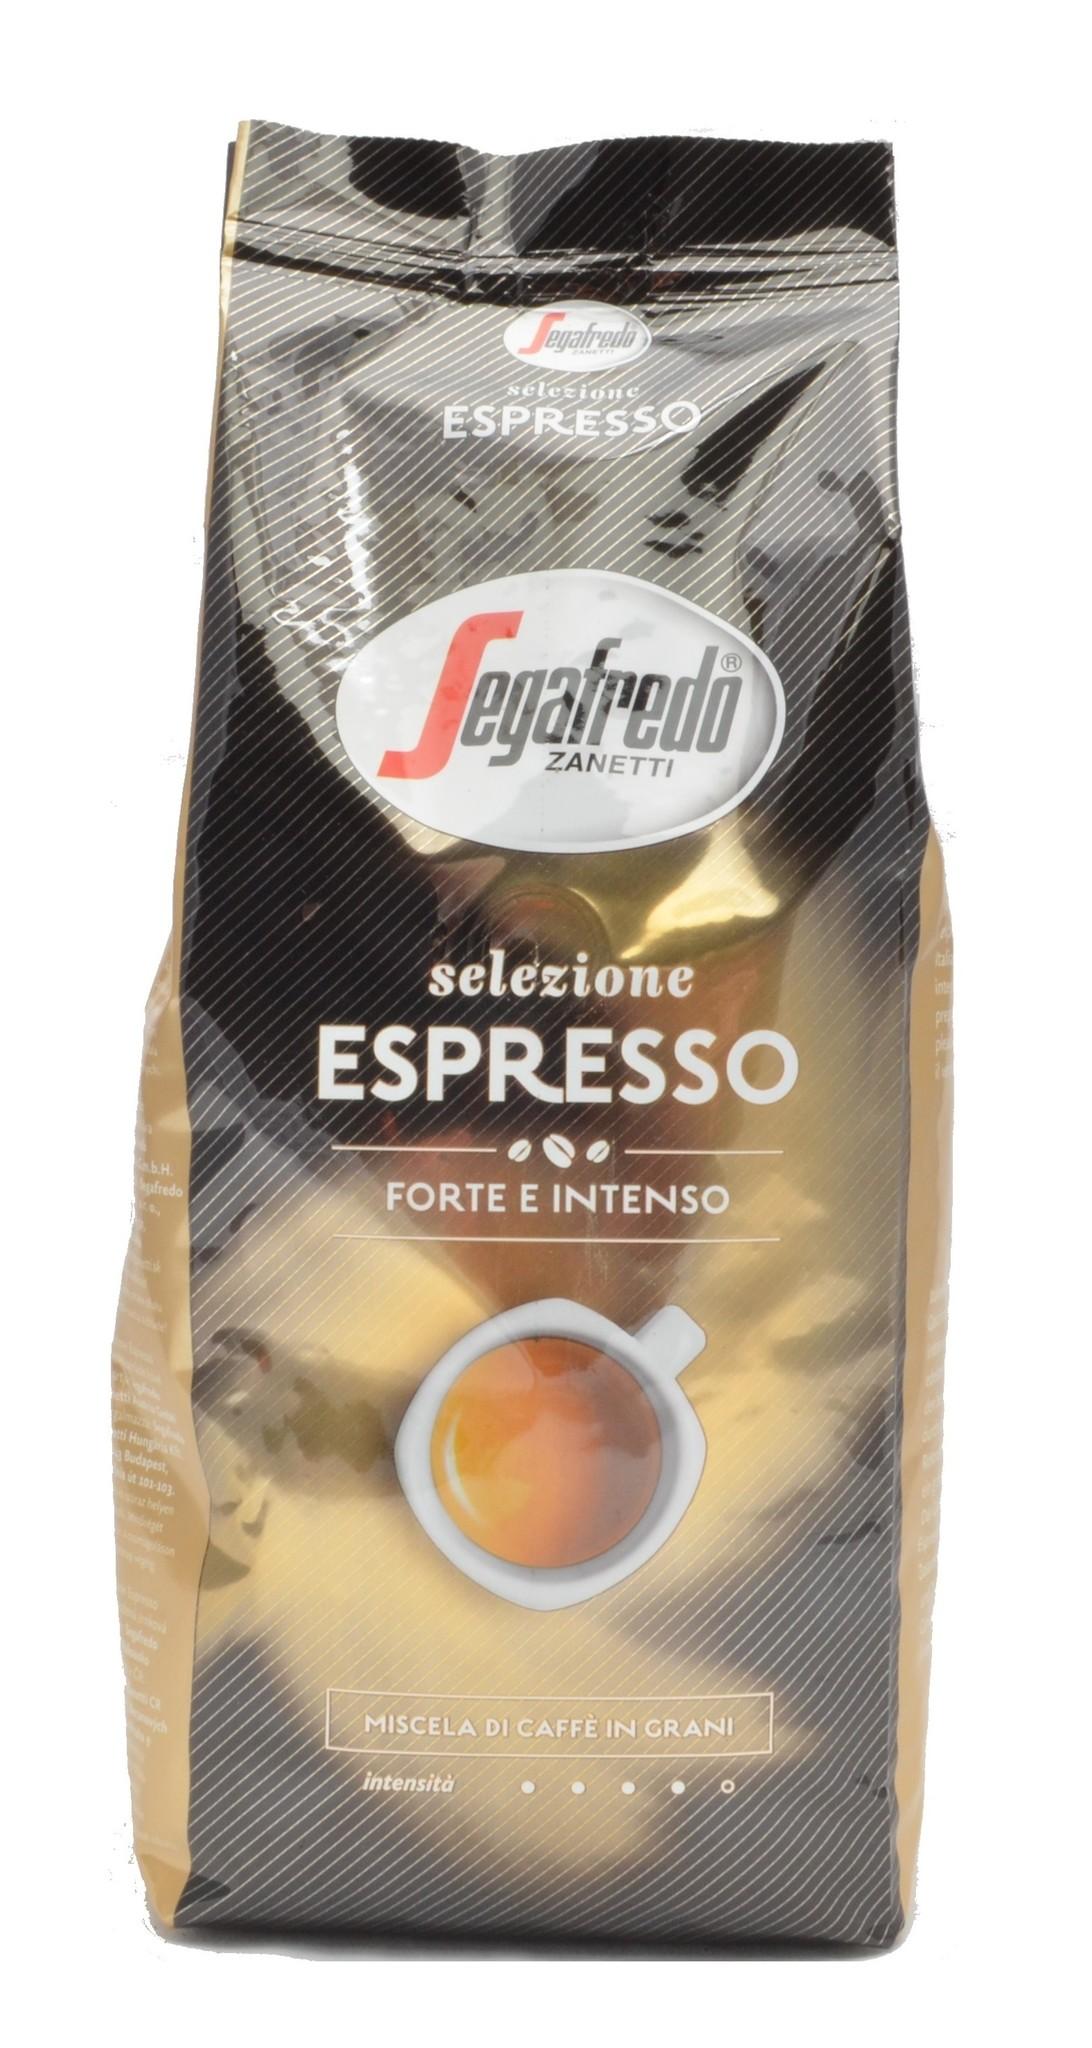 Segafredo Selezione Espresso bonen 1 kg. vanaf € 8.50